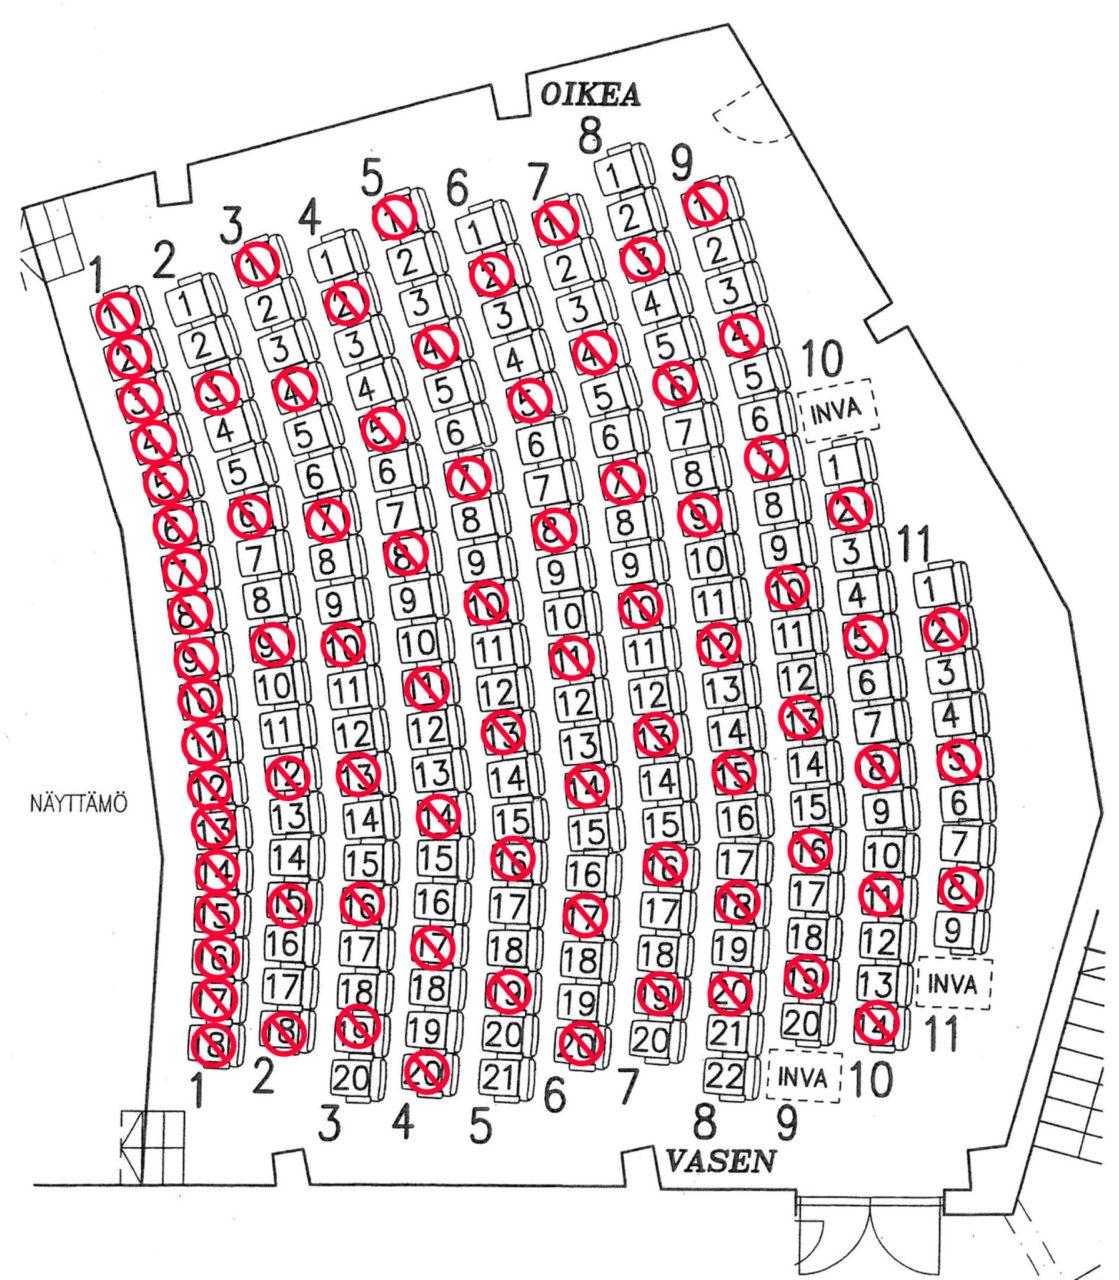 Lohjan Teatterin korona-aikainen paikkakartta, kuva